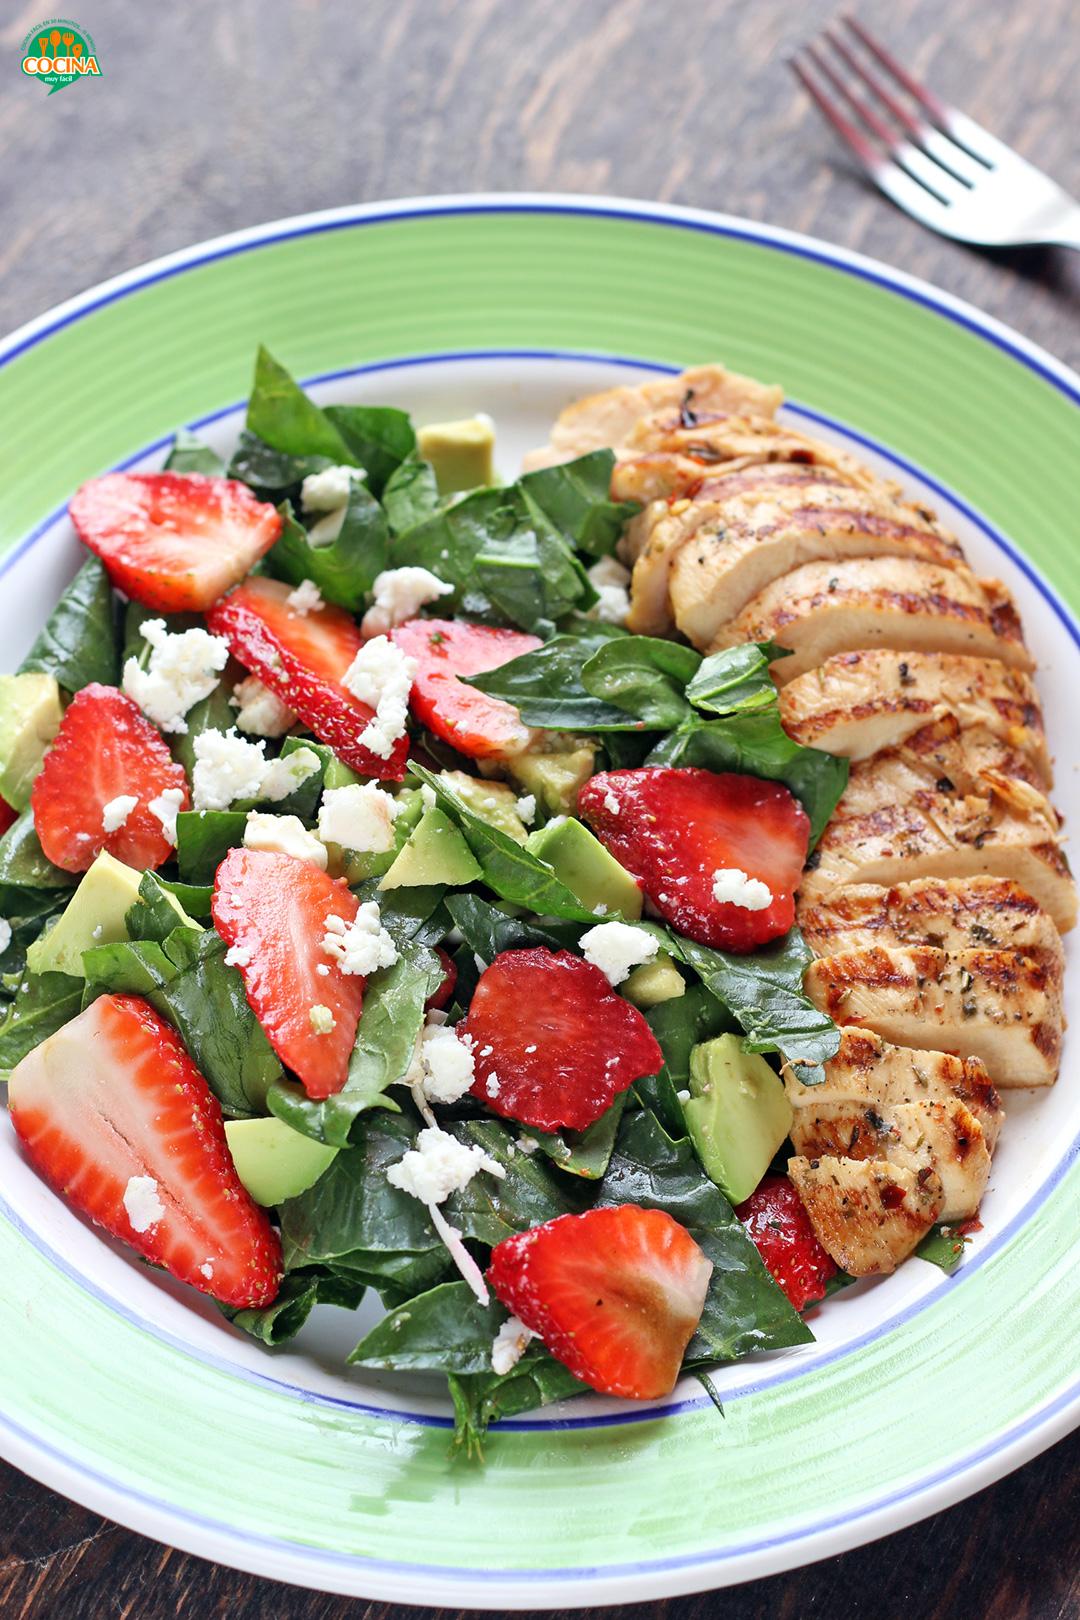 Ensalada de fresas y espinacas con pollo a la parrilla. Receta   cocinamuyfacil.com